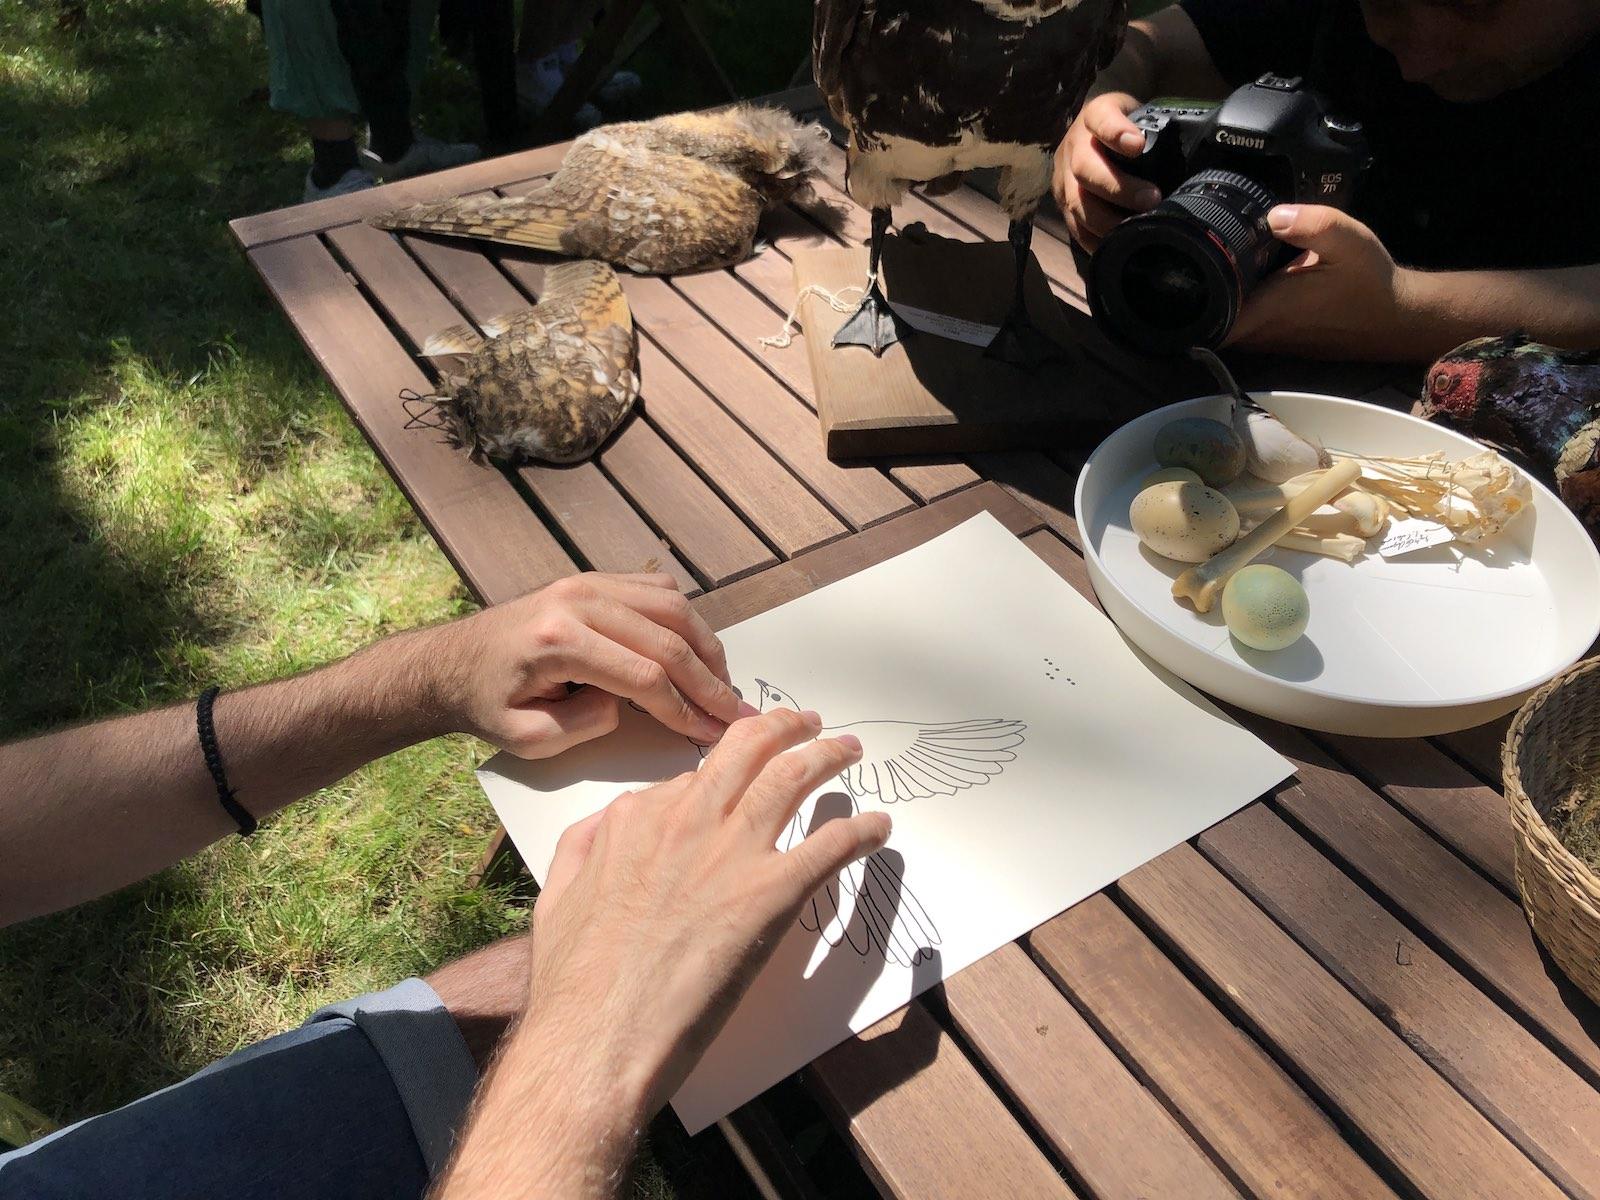 ciripituri-in-natura-desen-tactil